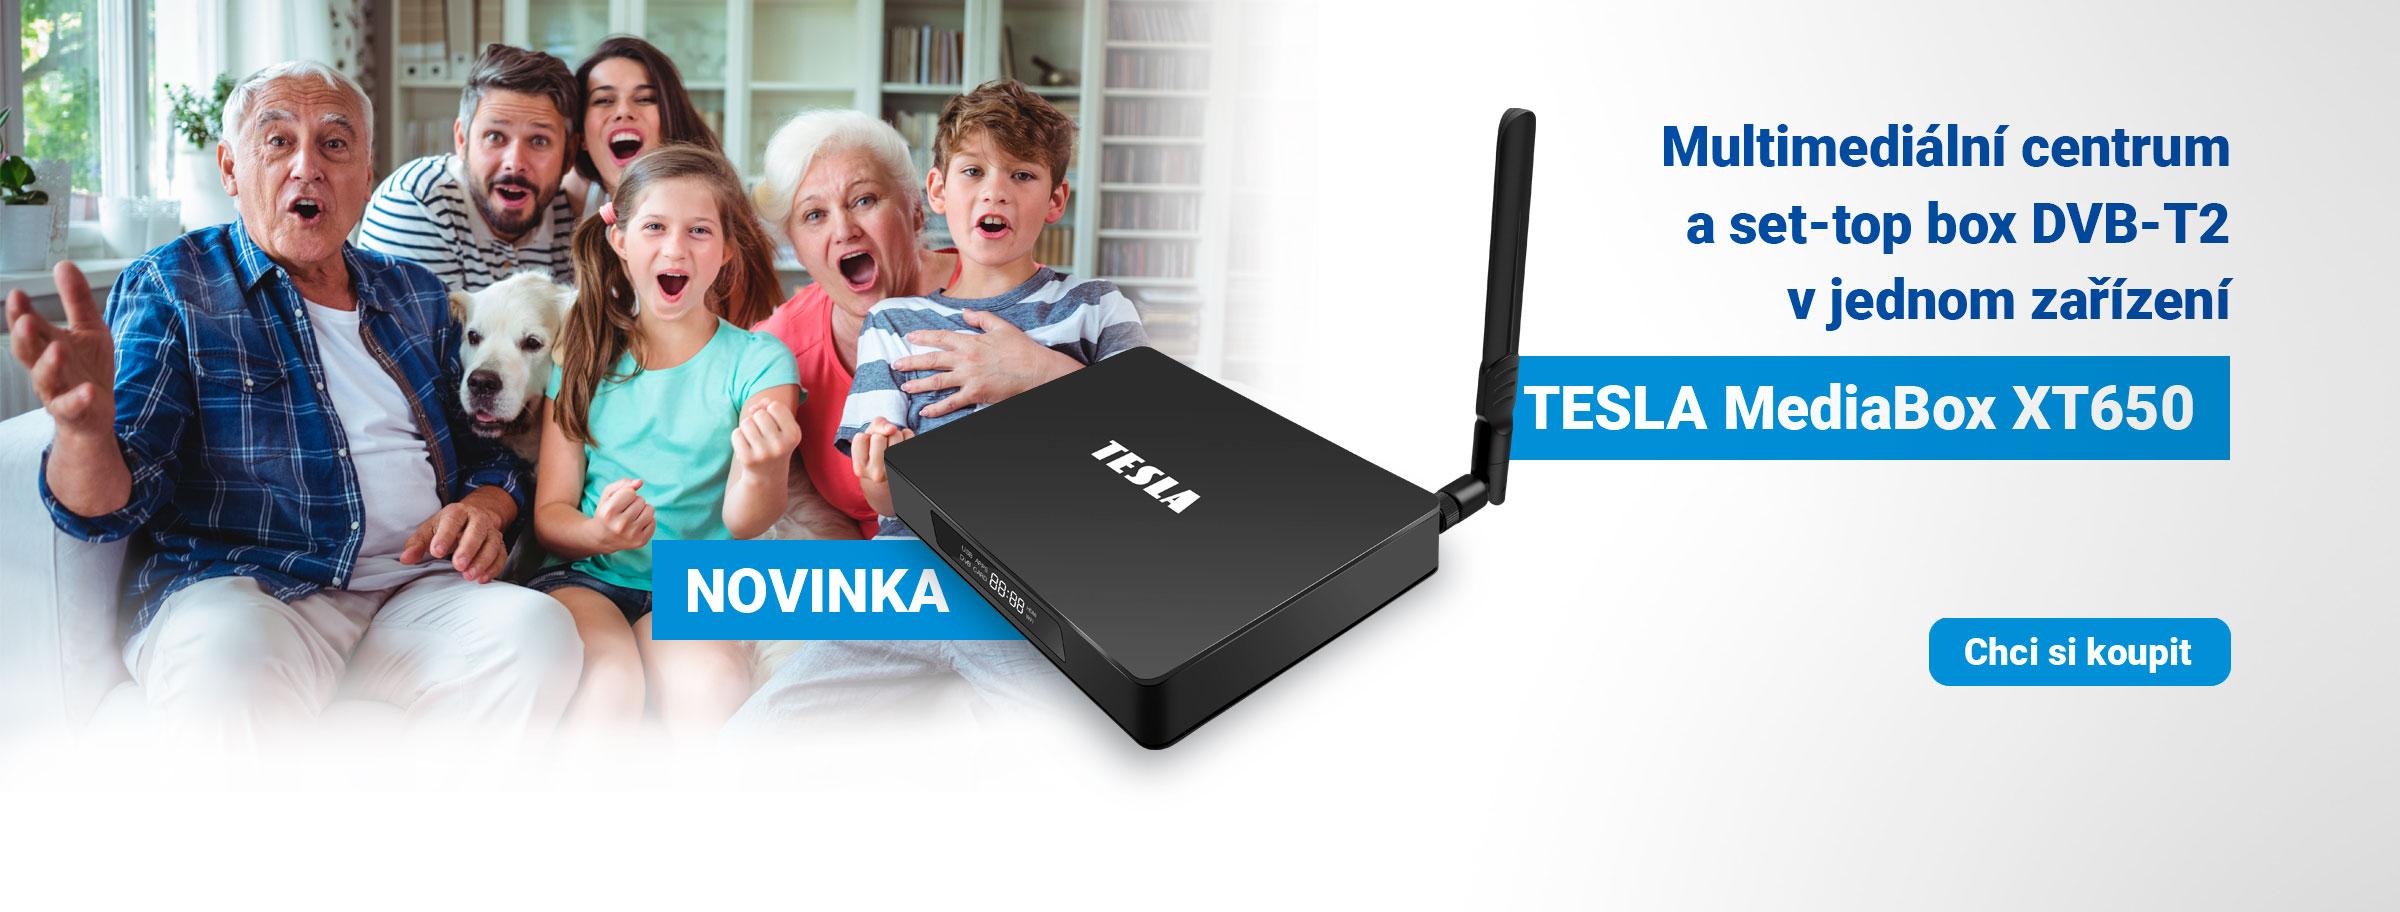 Novinka: TESLA MediaBox XT650 - hybridní multimediální přehrávač s DVB‒T2